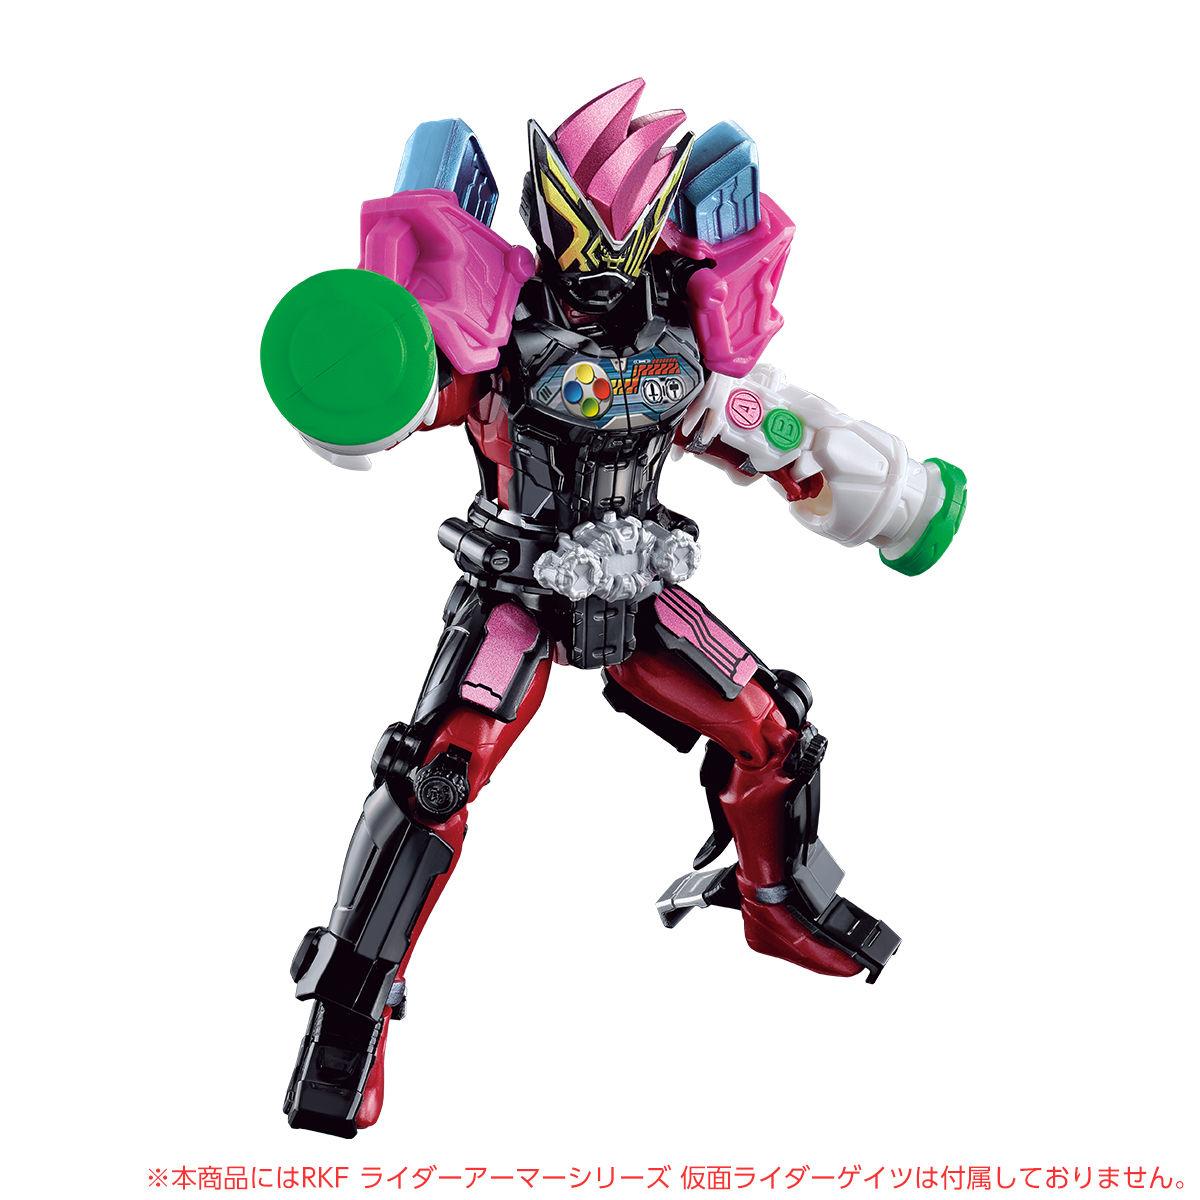 RKFライダーアーマーシリーズ『エグゼイドアーマー』可動フィギュア-008